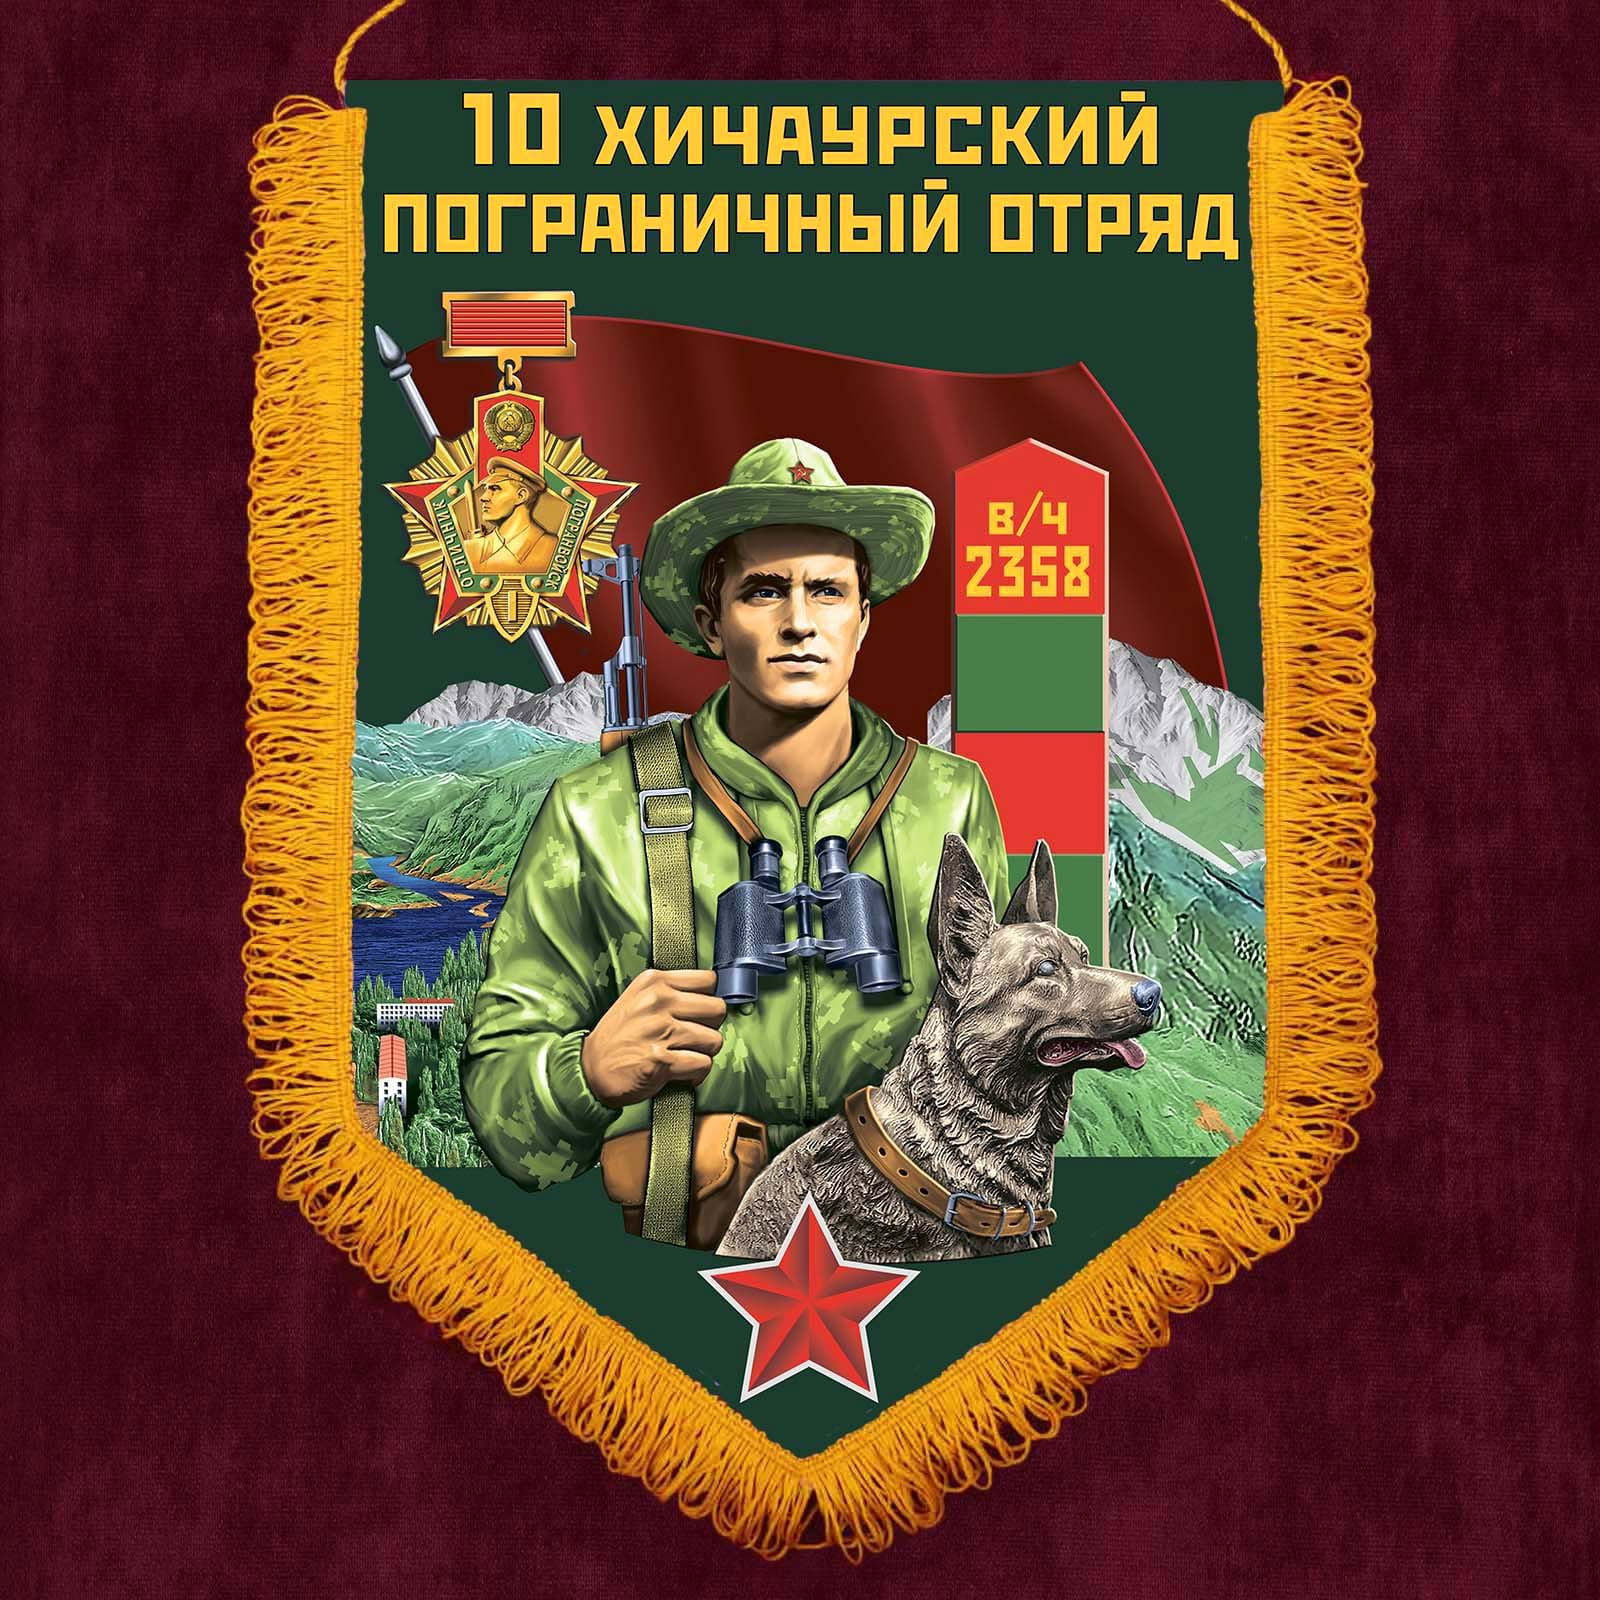 """Наградной вымпел """"Хичаурский пограничный отряд"""""""